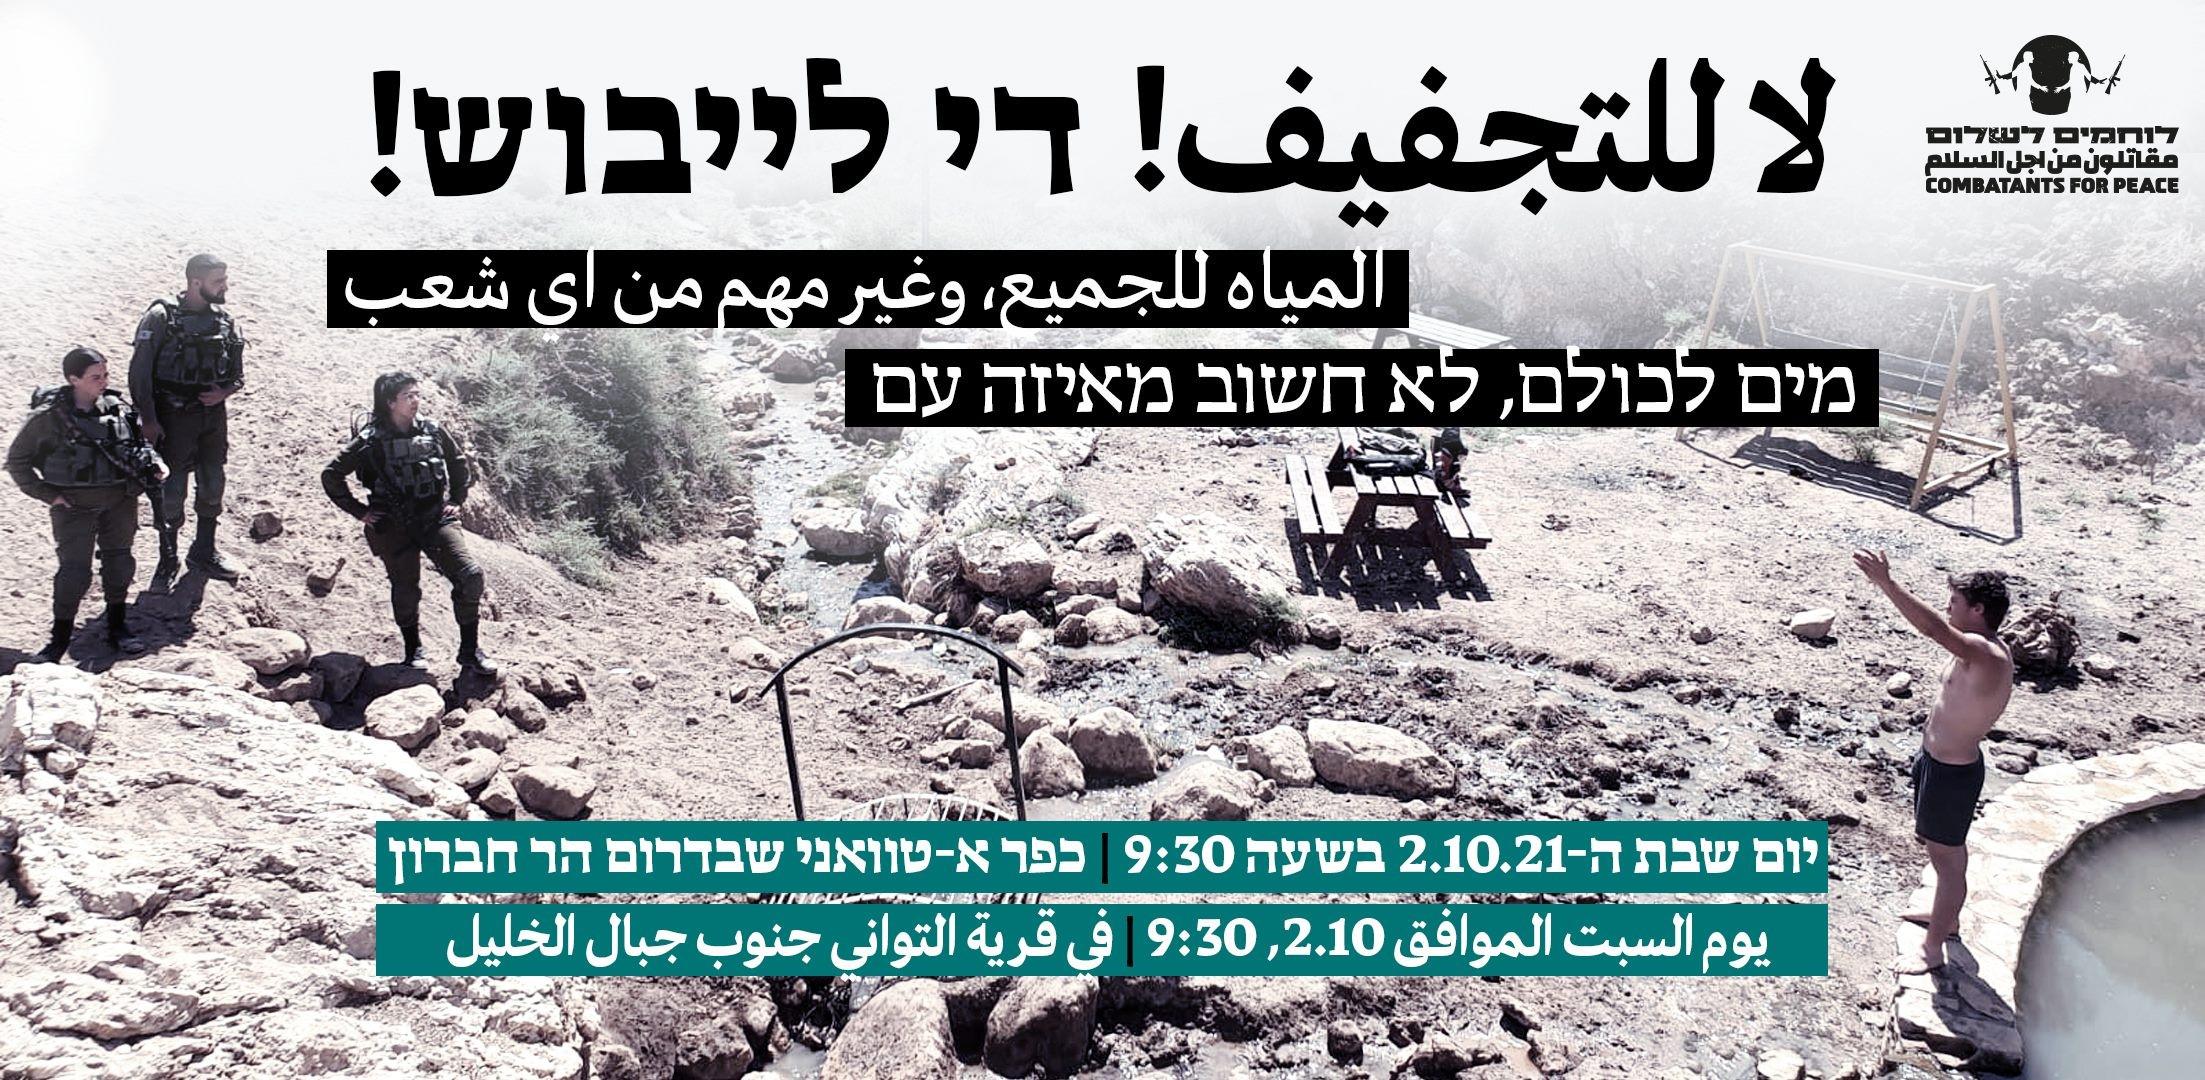 לאחר התקפת חיילי הכיבוש: צעדת מים נוספת למען הפלסטינים בדרום הר חברון